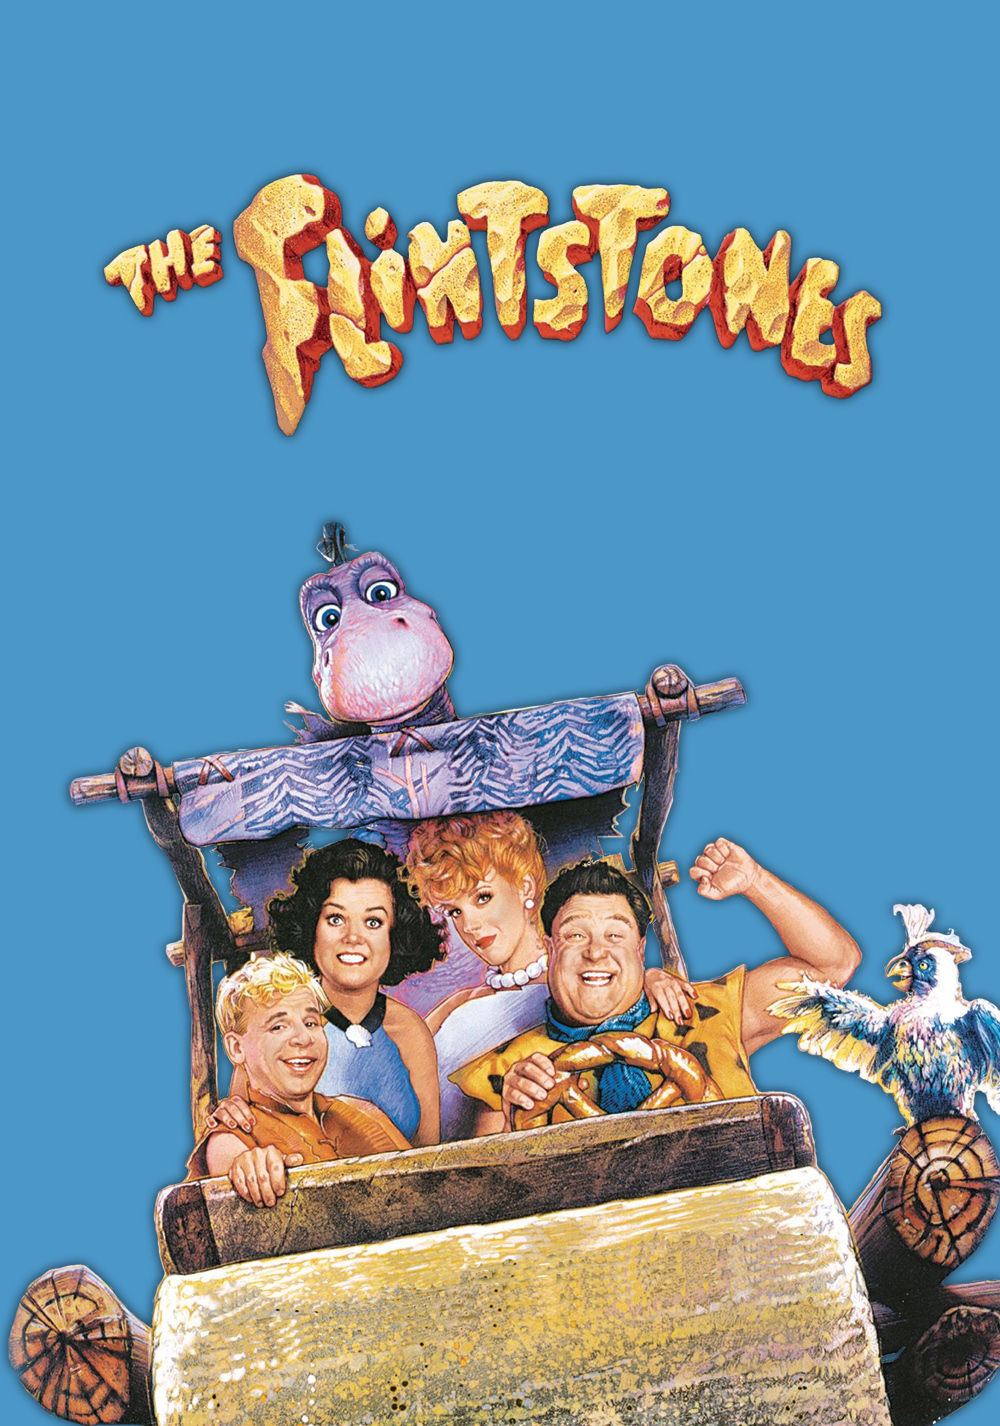 the flintstones film